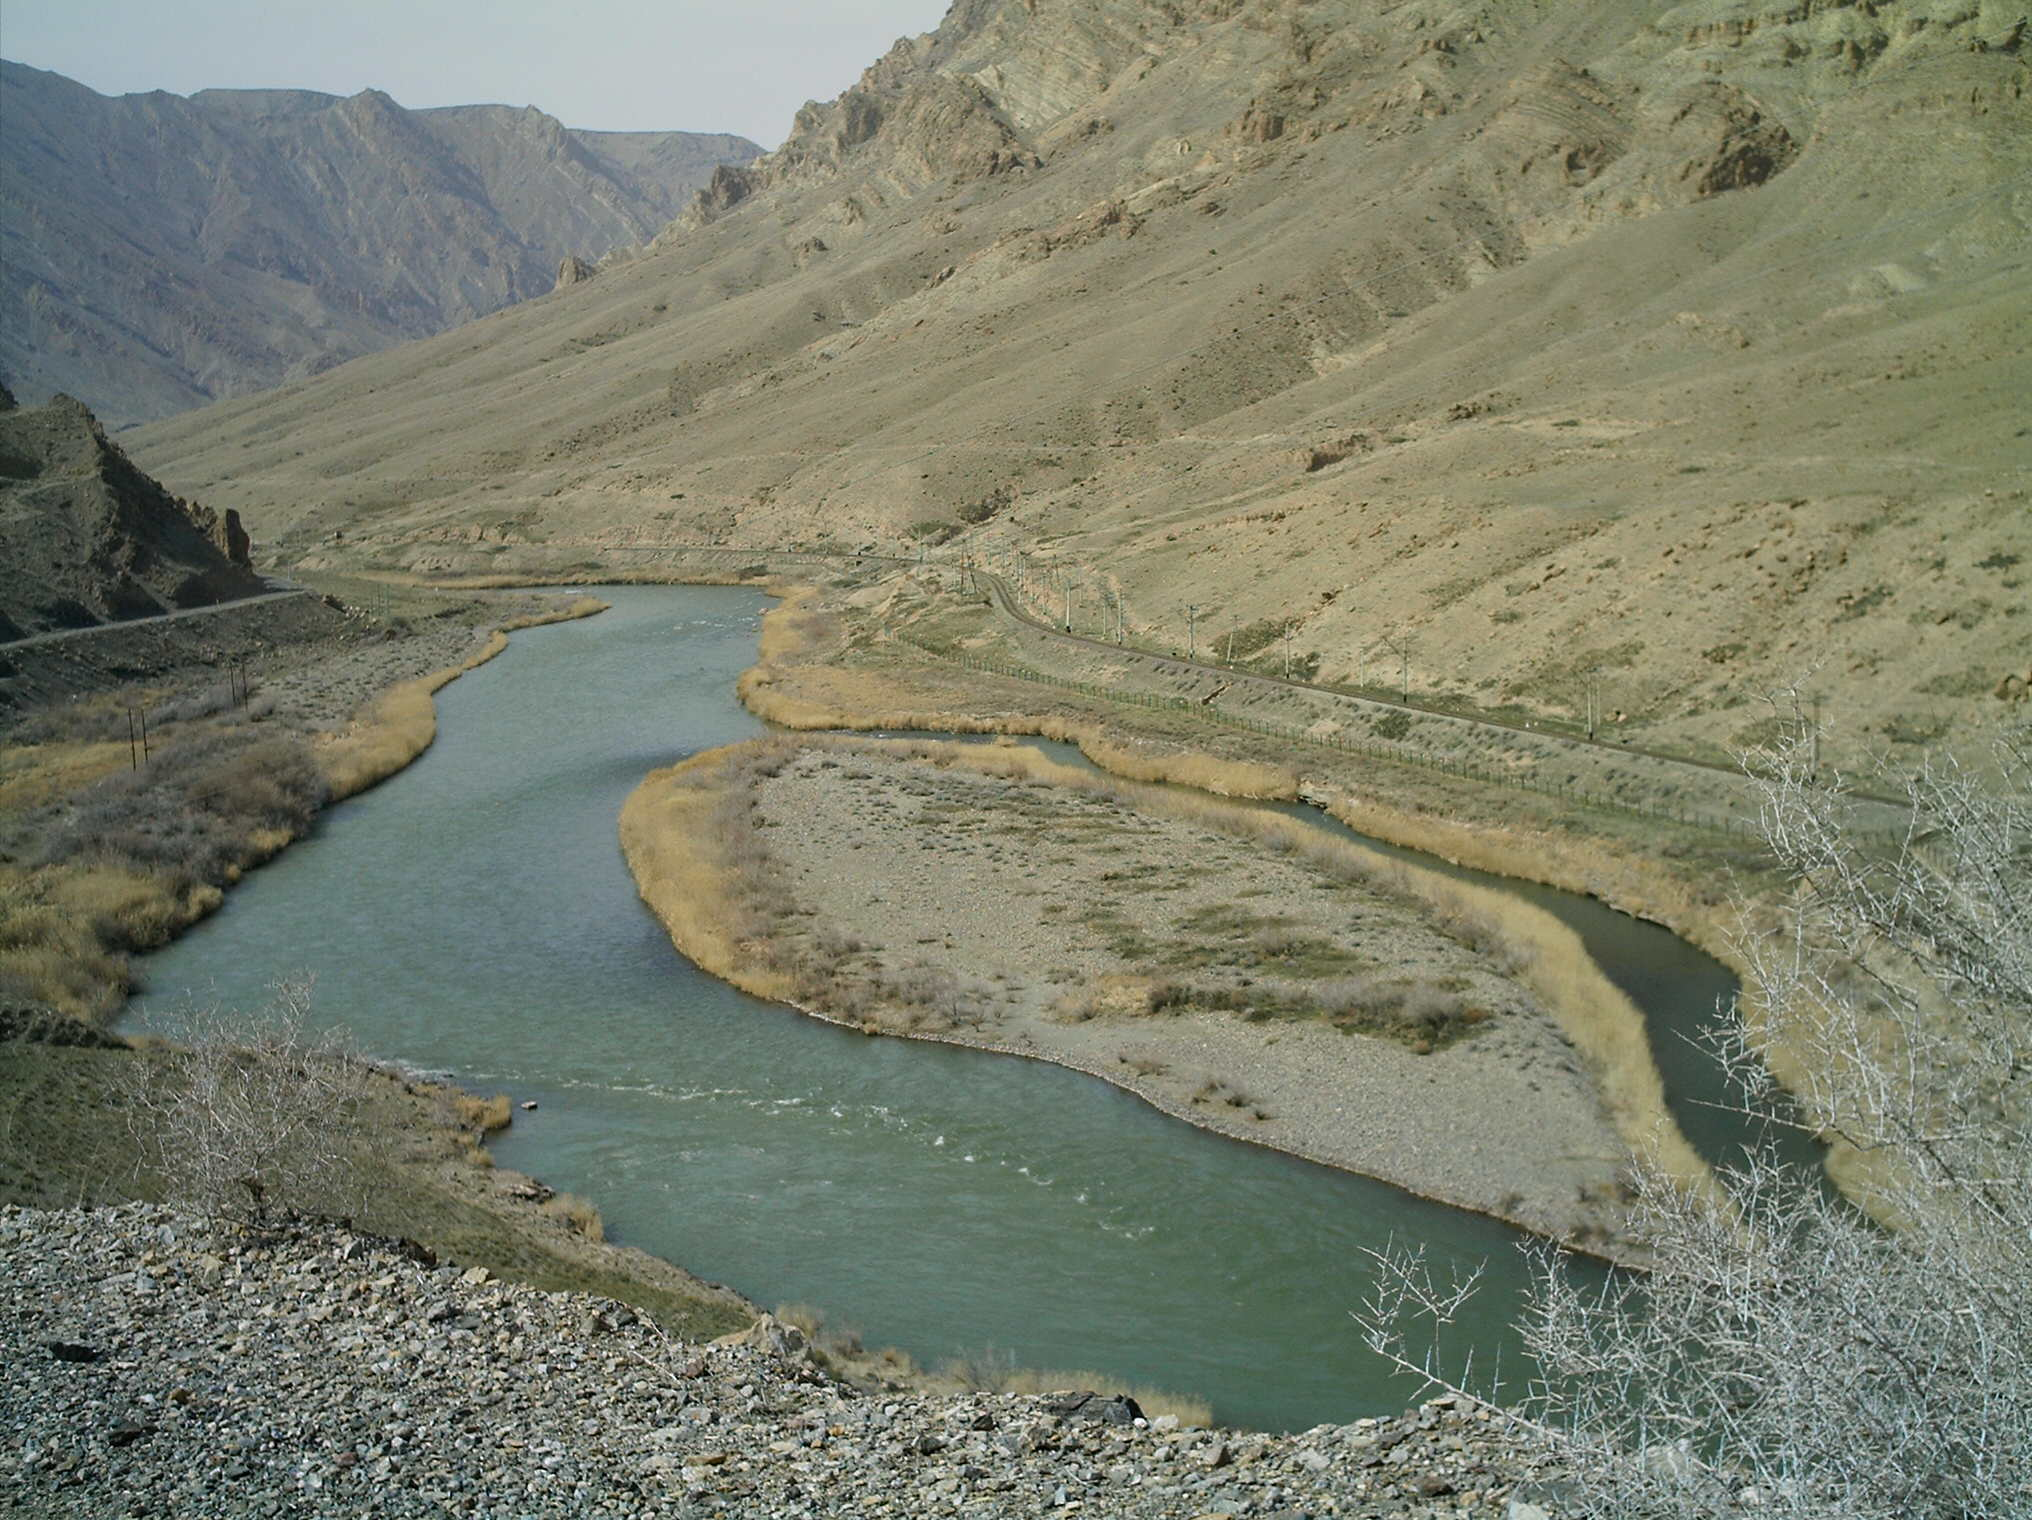 Sông Aras